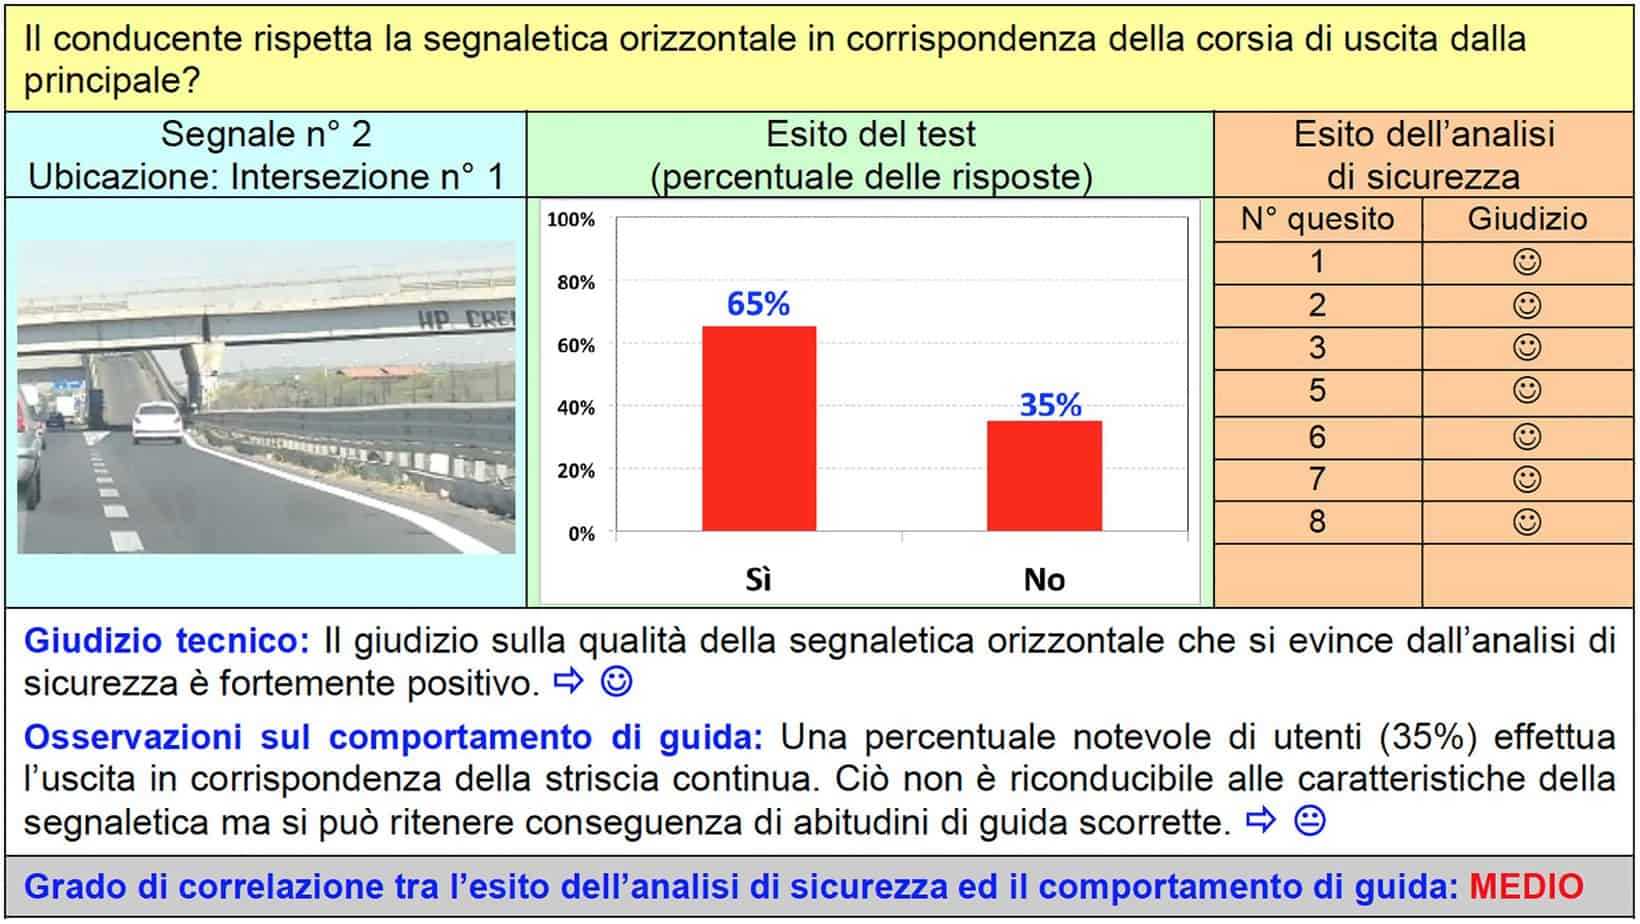 La scheda di correlazione per il segnale n° 2 dell'intersezione n° 1